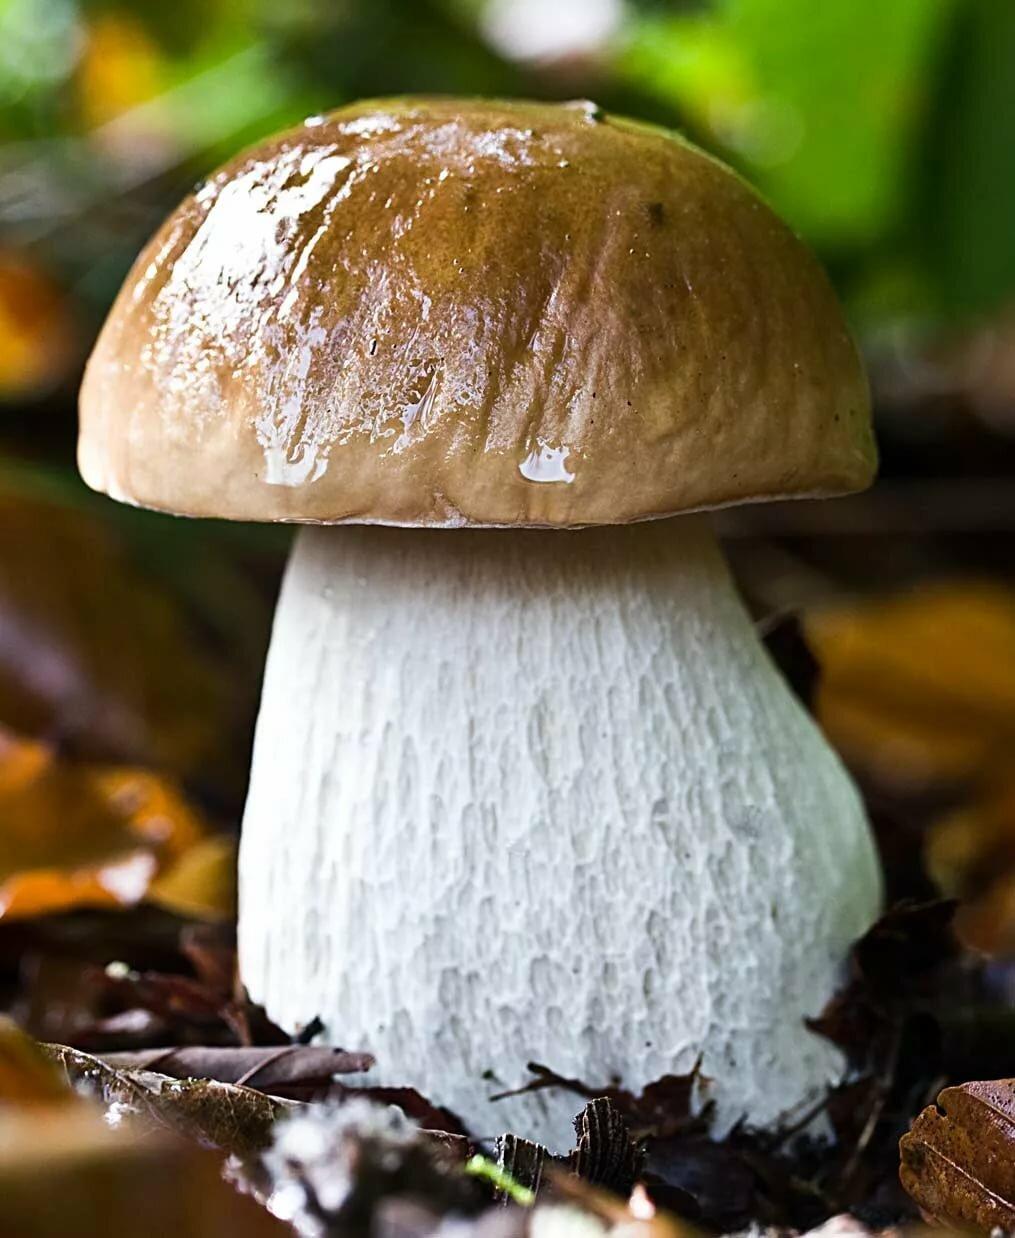 Фото картинки грибов